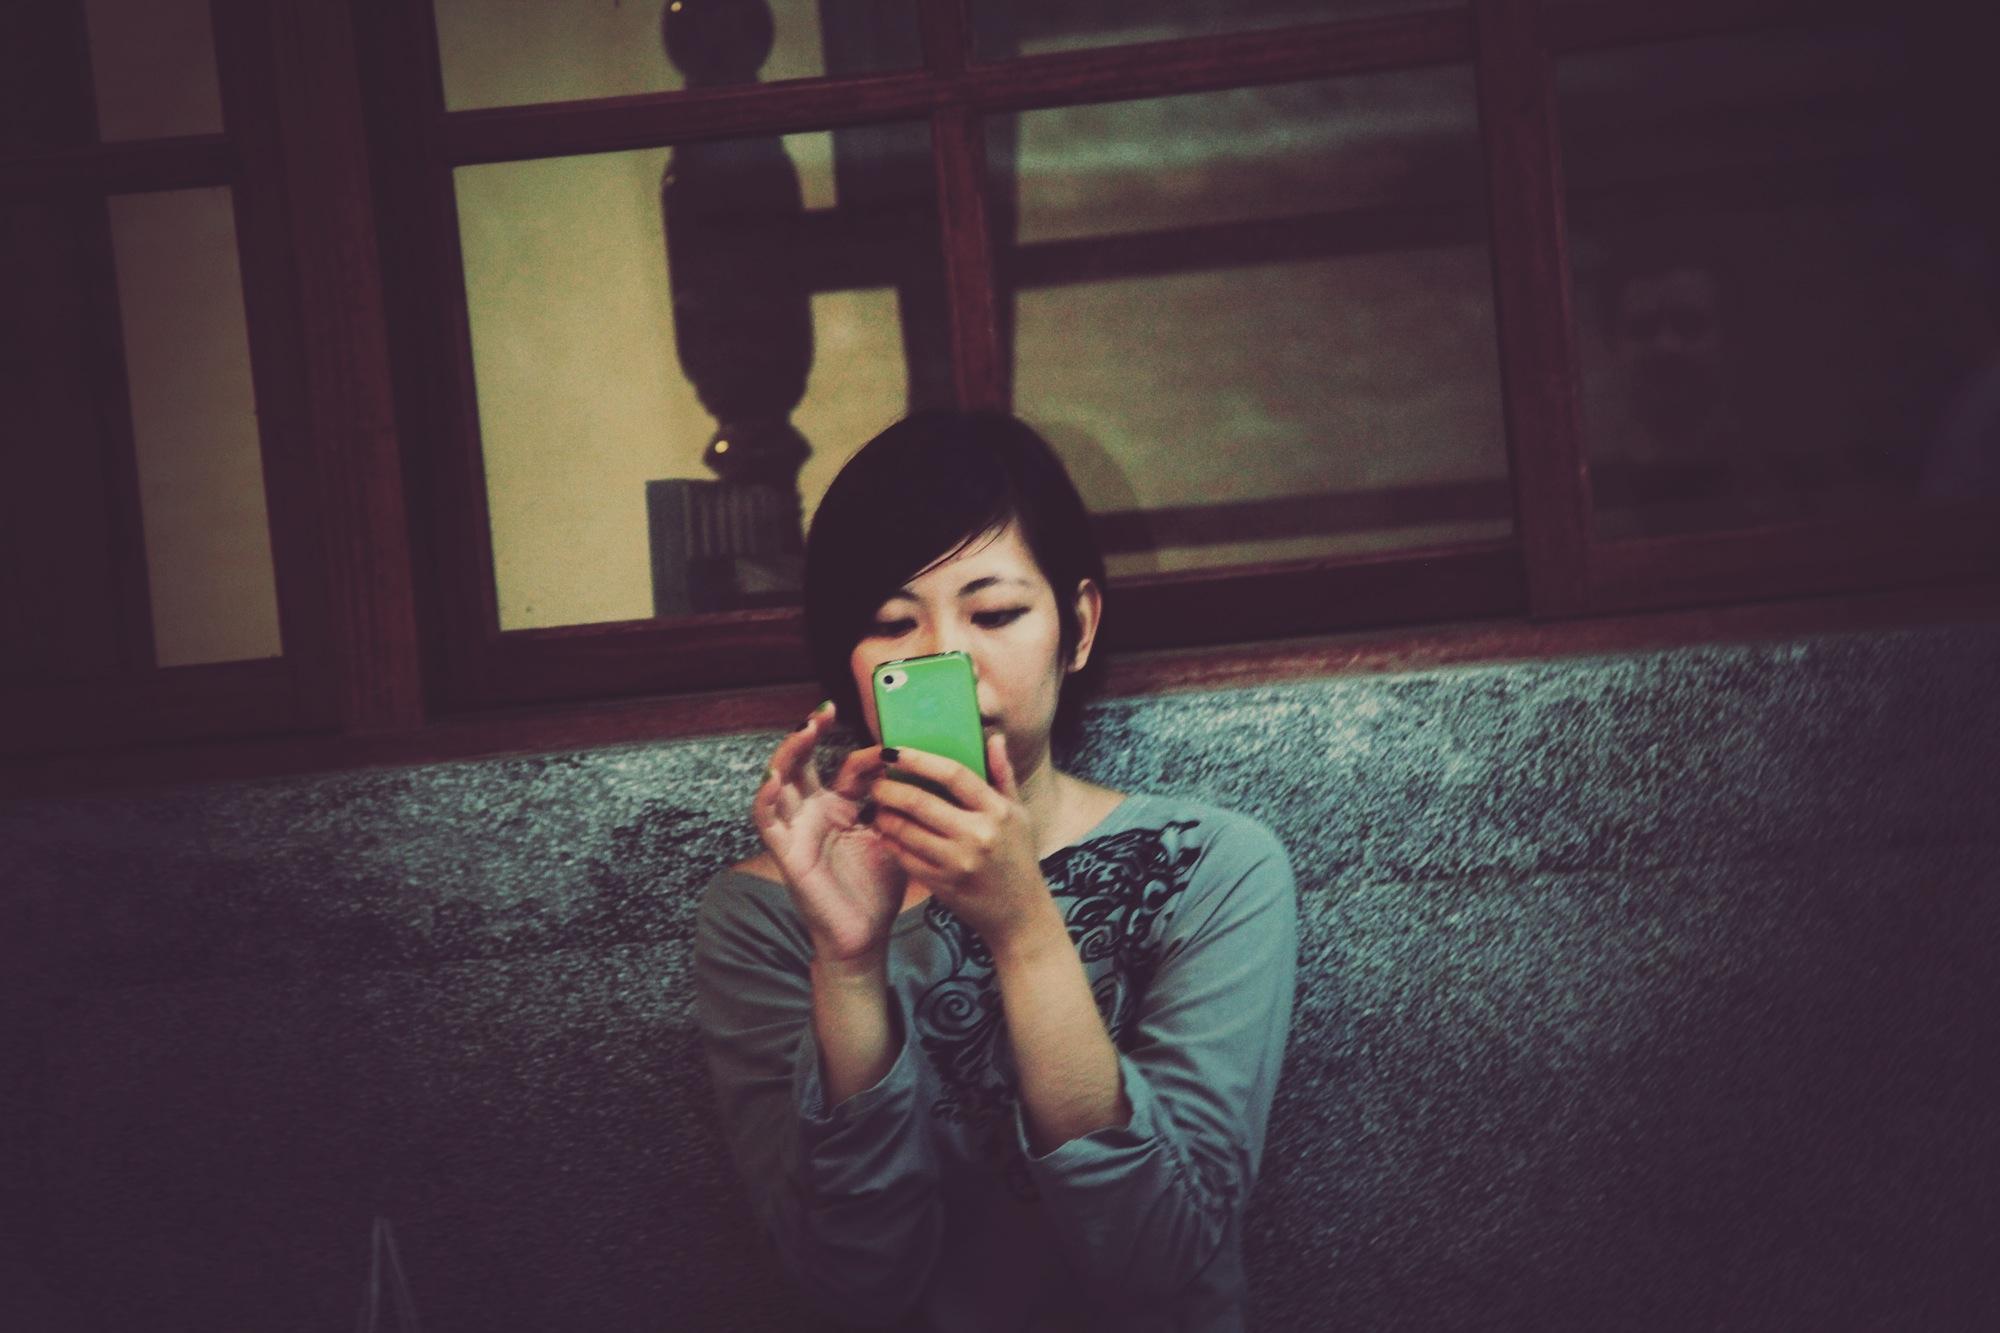 Taiwan2012MobilePhone.jpg